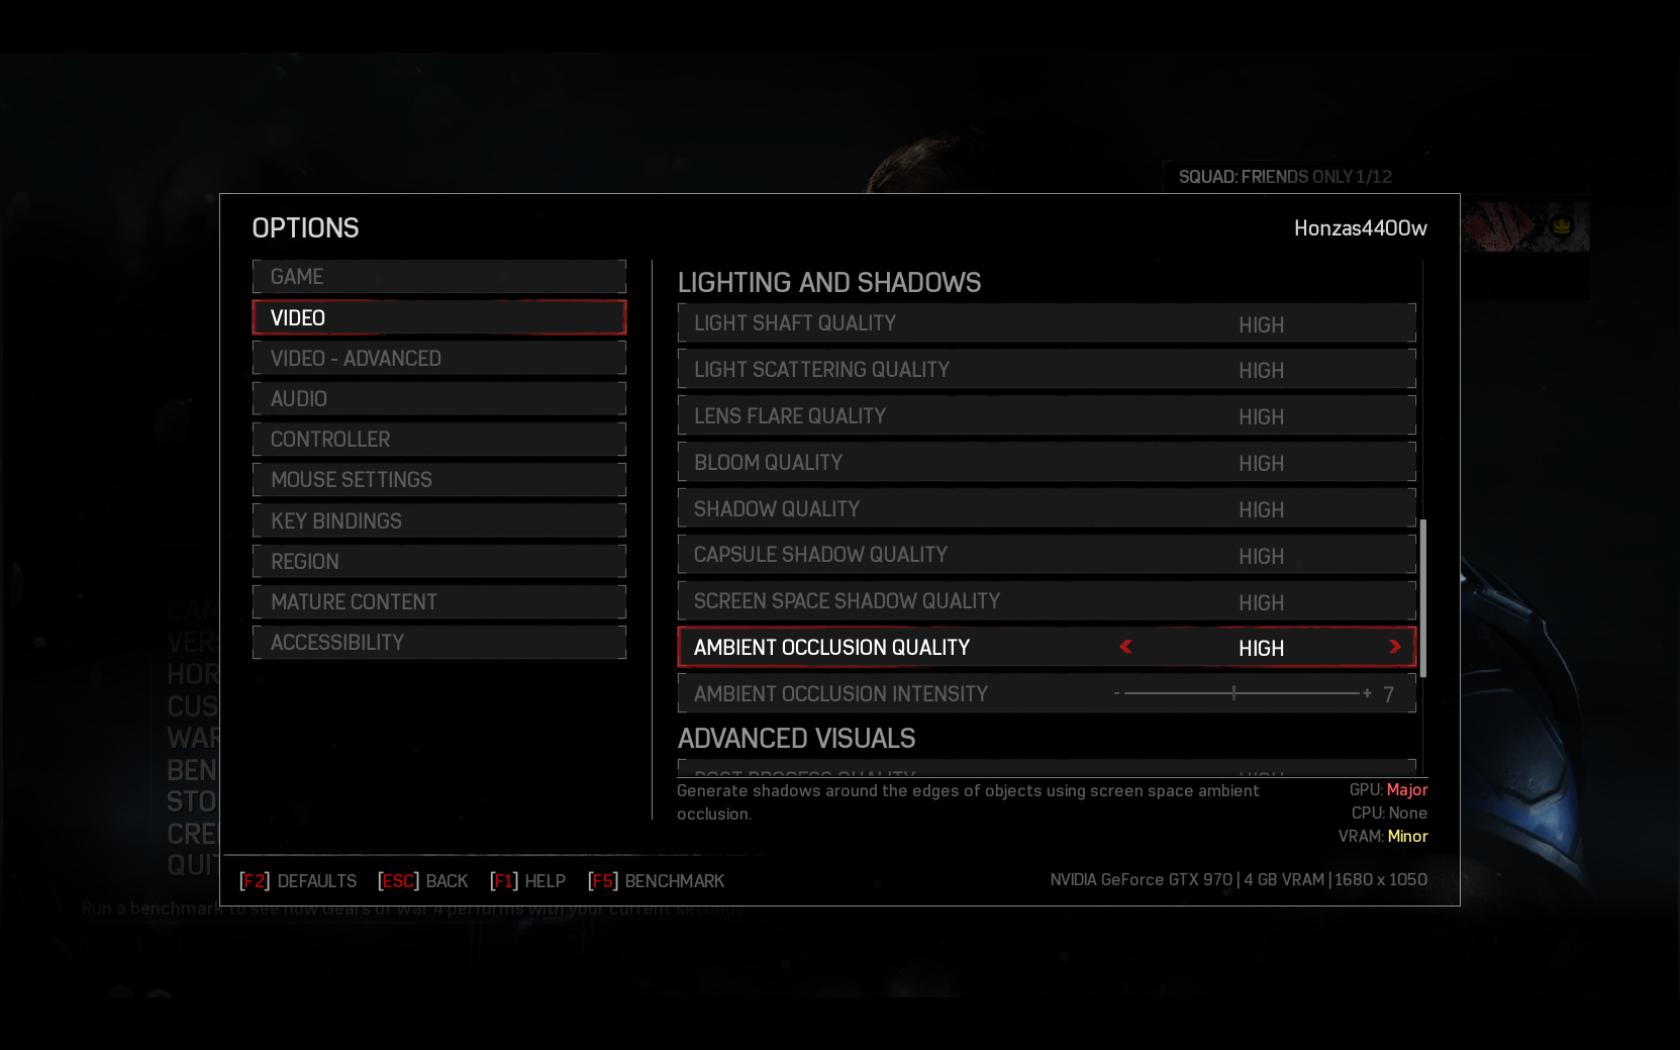 PC verze Gears of War 4 si zaslouží velkou pochvalu 131660